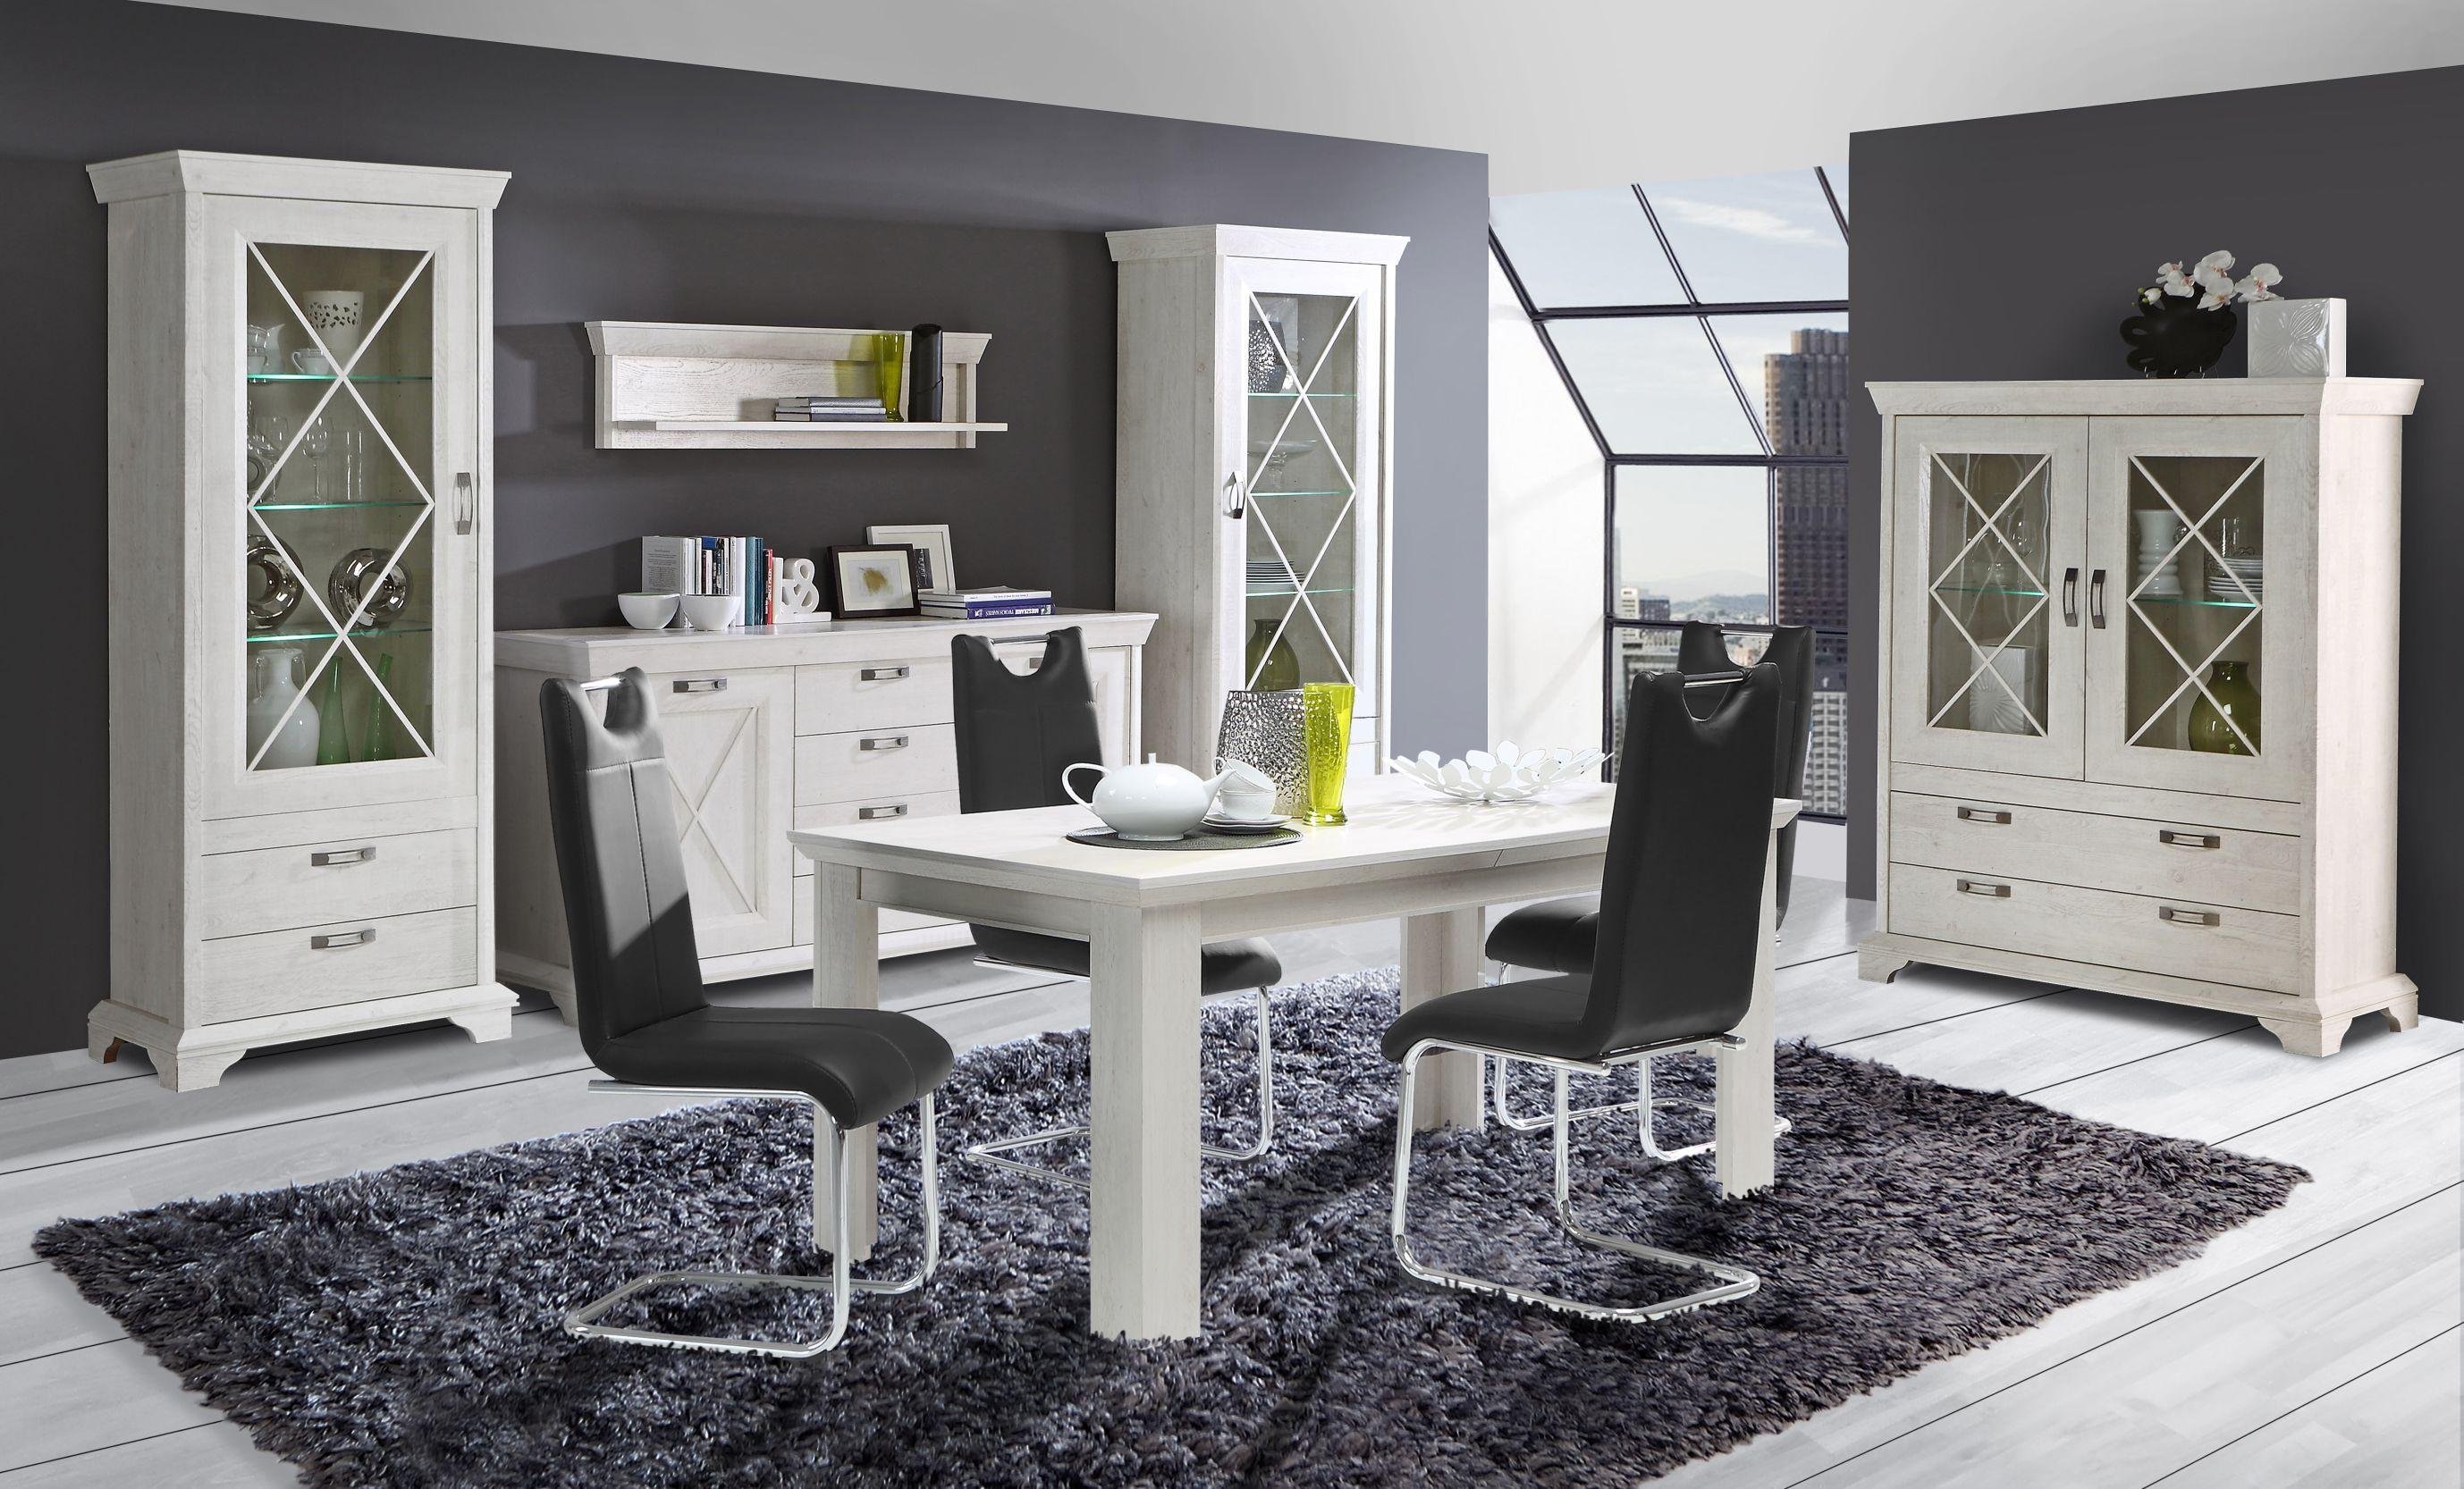 wohnzimmer vitrine, wohnzimmer vitrine kashmir mit led beleuchtung, Design ideen